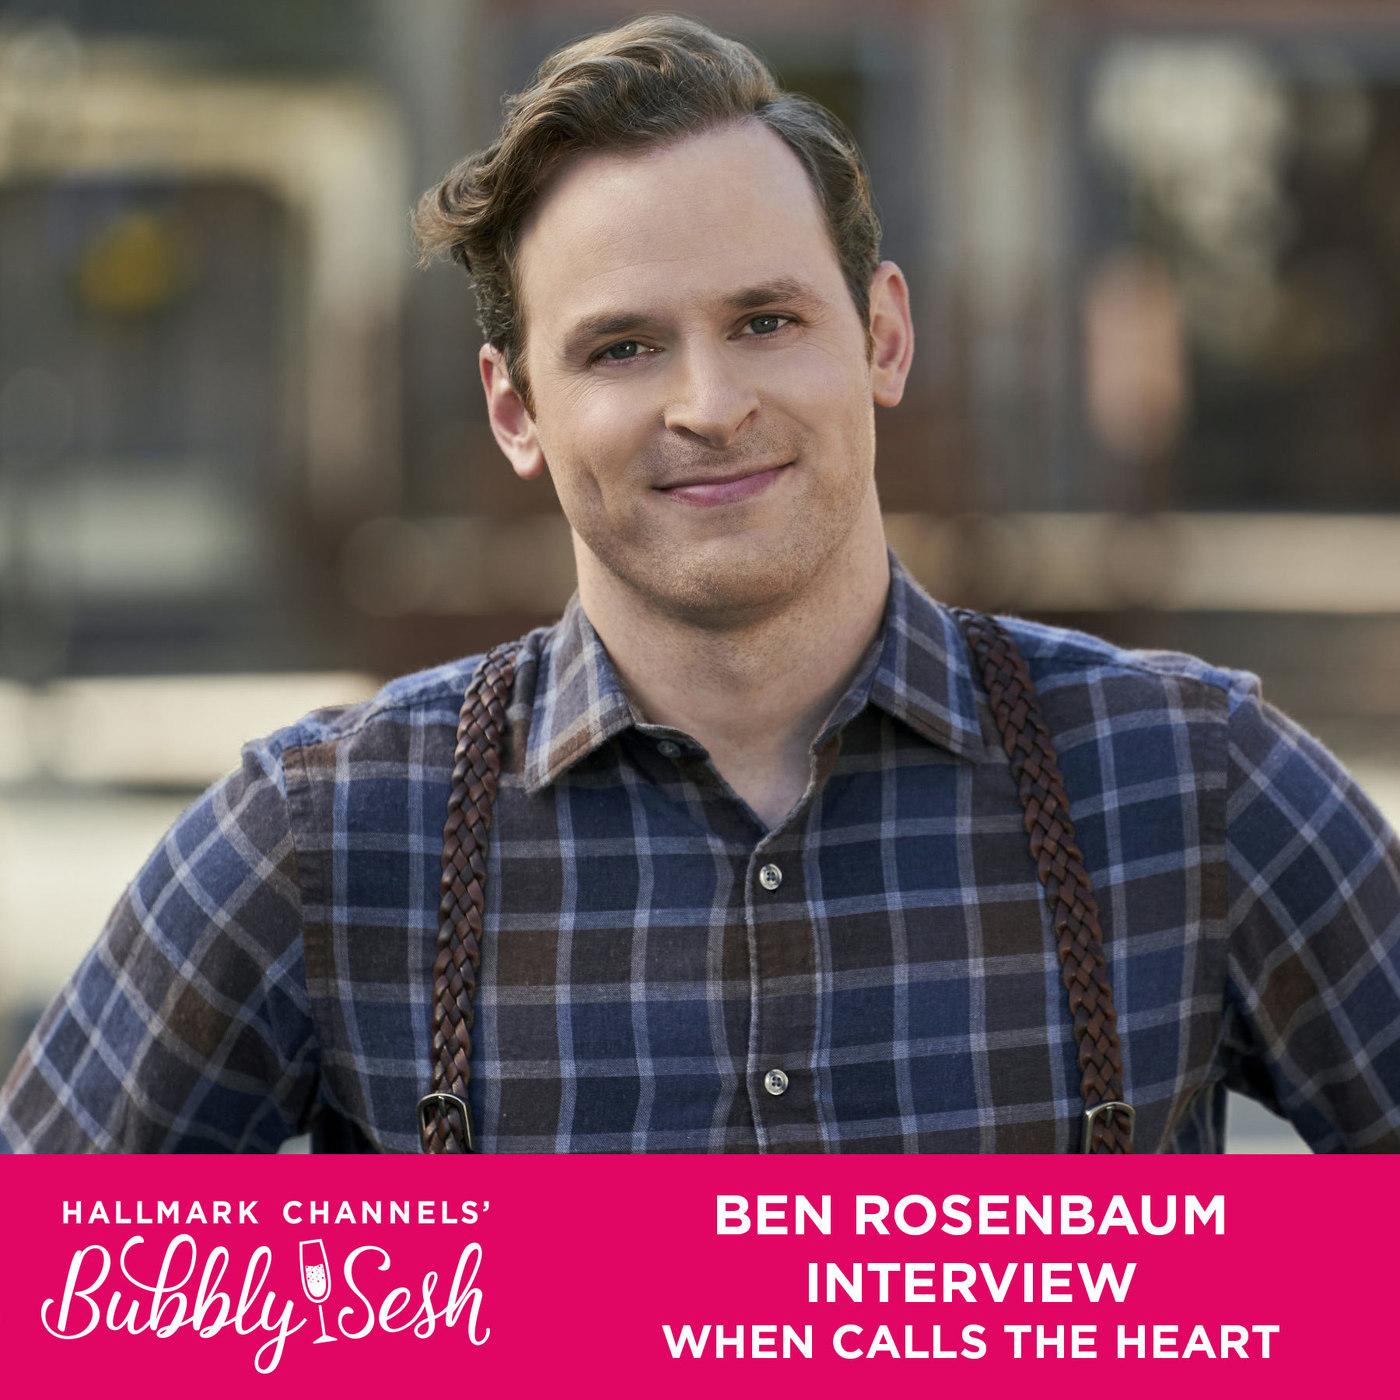 Ben Rosenbaum Interview